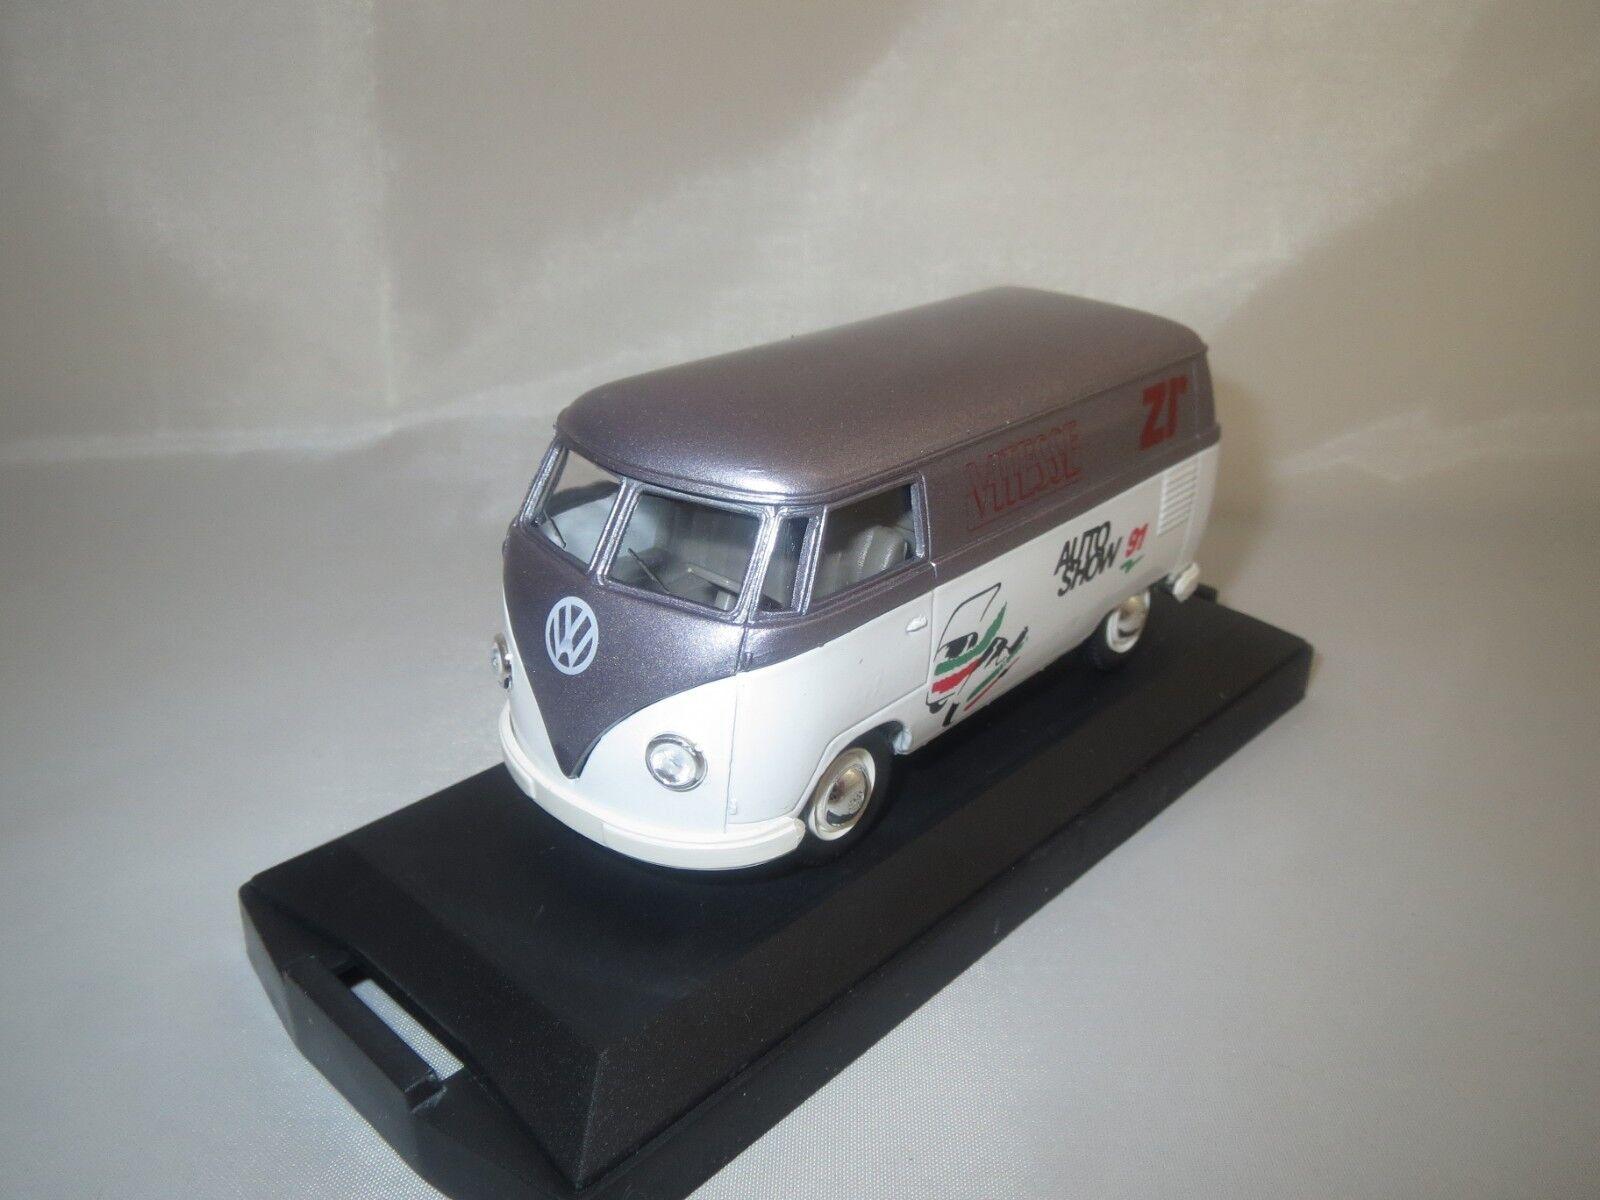 VITESSE VOLKSWAGEN camionnette (Auto Show' 91) 1 43 DANS neuf dans sa boîte